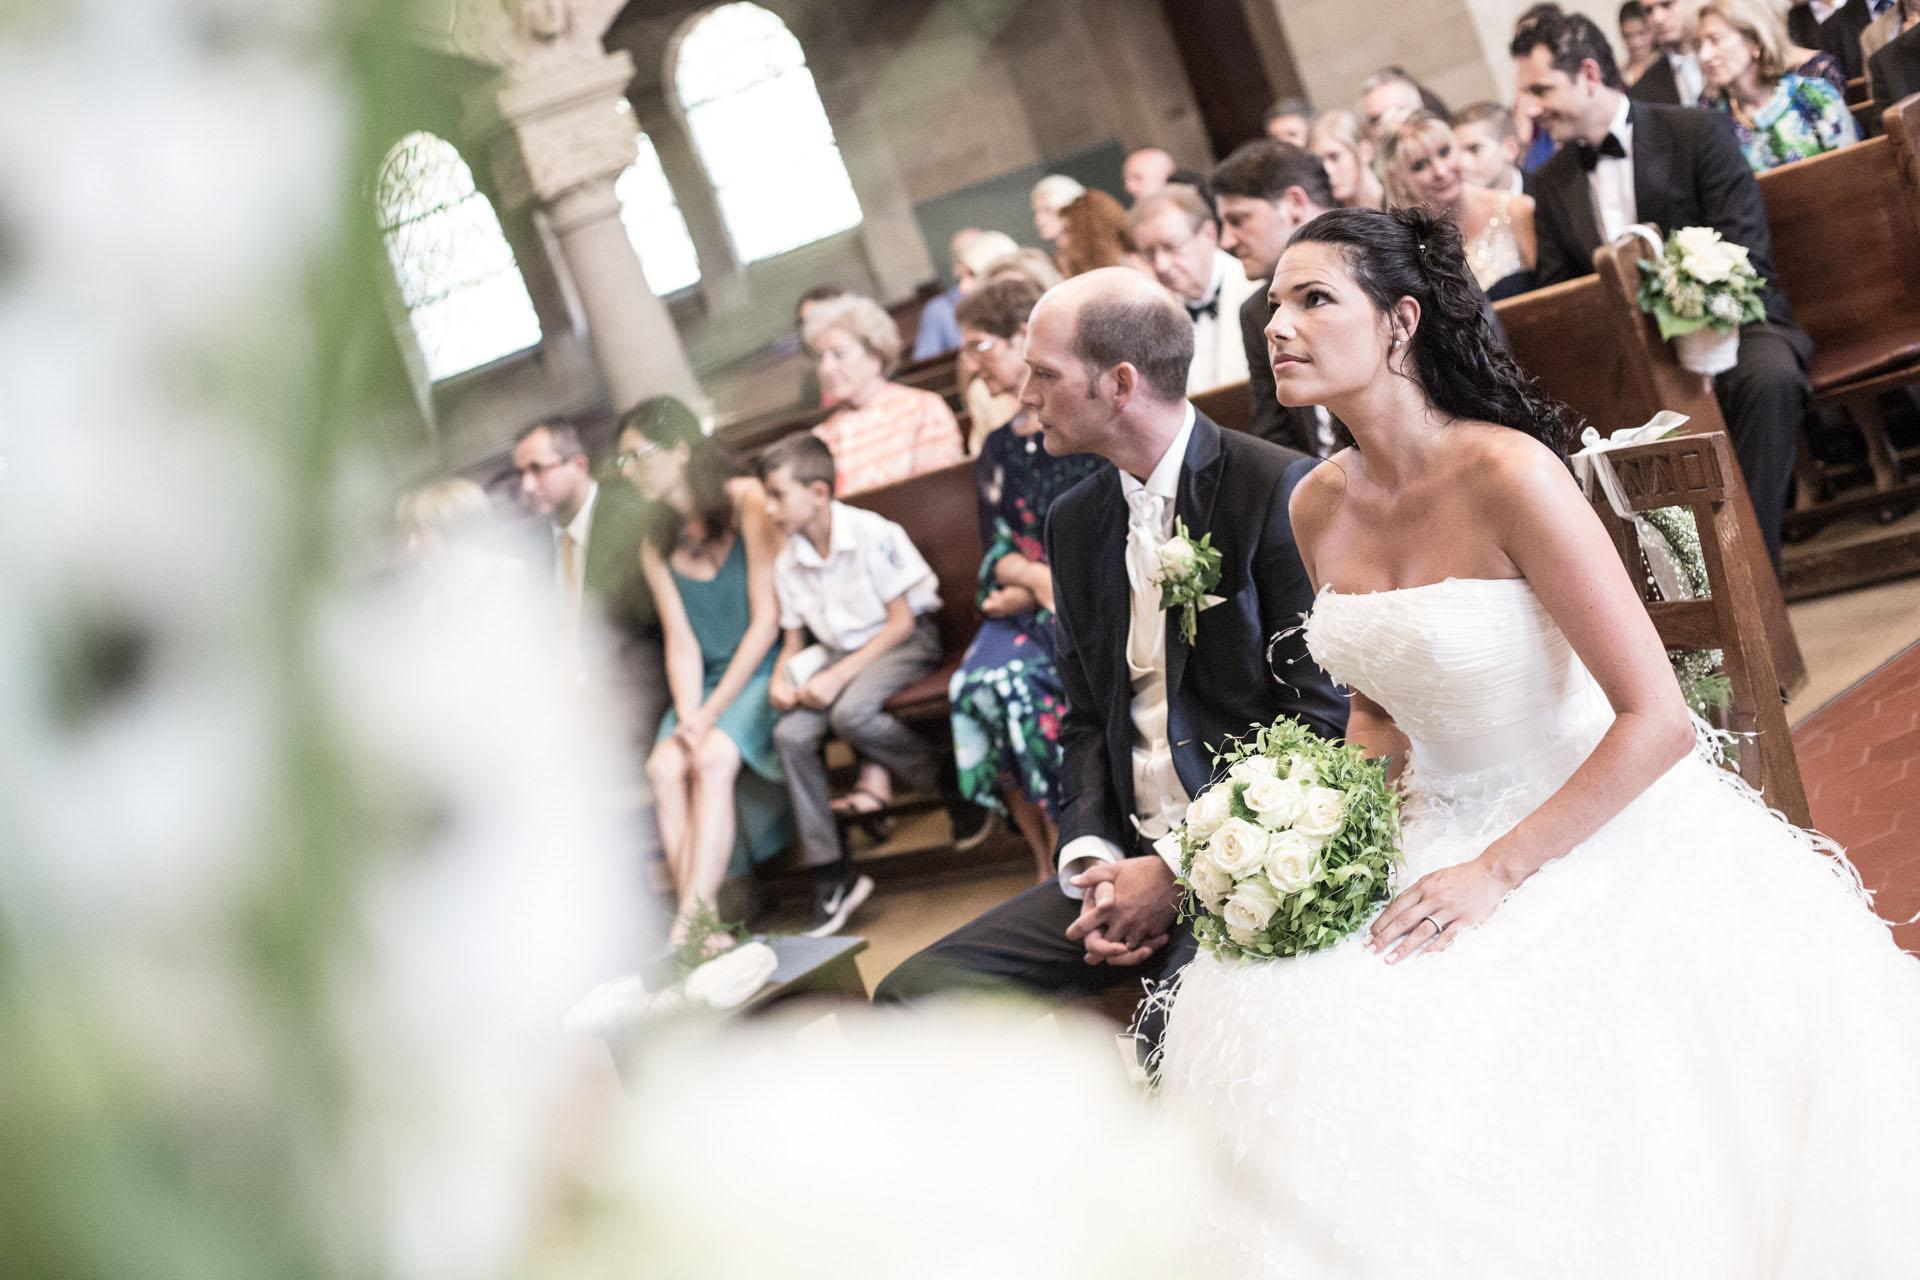 Hochzeitsreportage Freiburg Basel kirchliche Trauung Brautpaar vor Altar